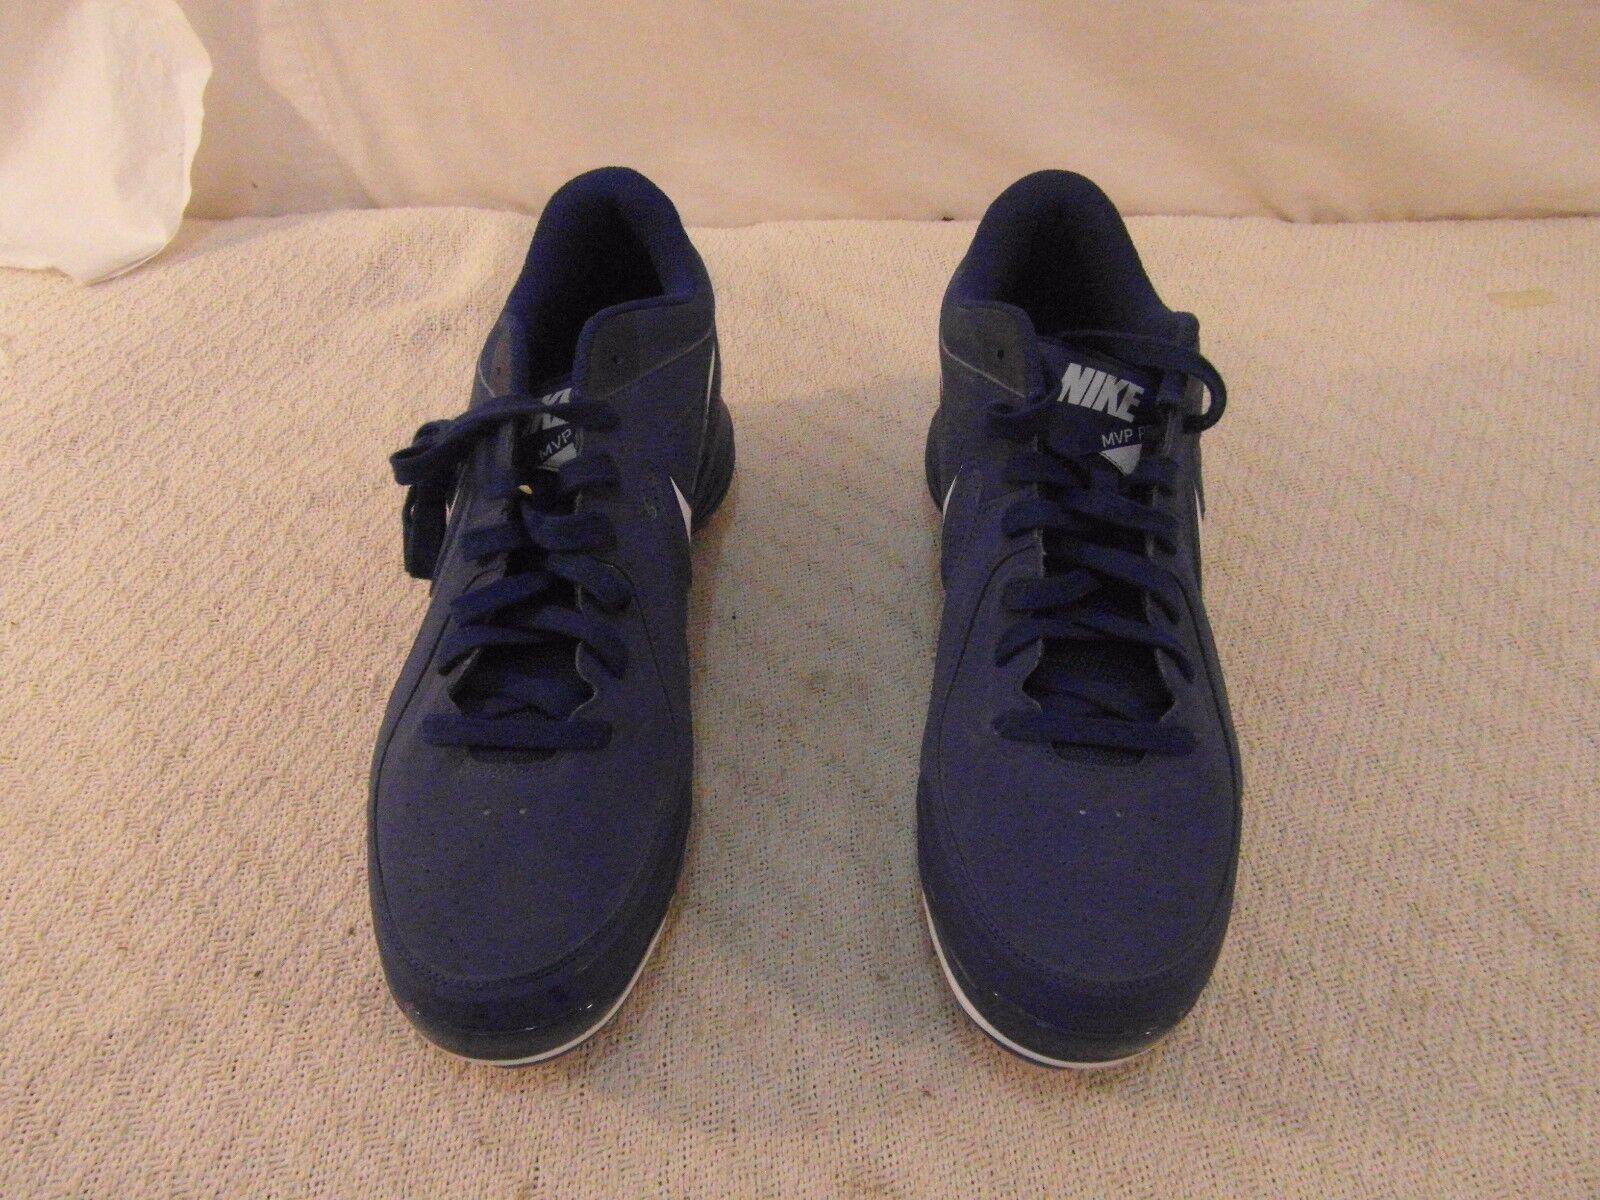 Miglior giocatore professionista di baseball degli uomini della nike, bianco e blu 13 merletto scarpe da baseball 34065